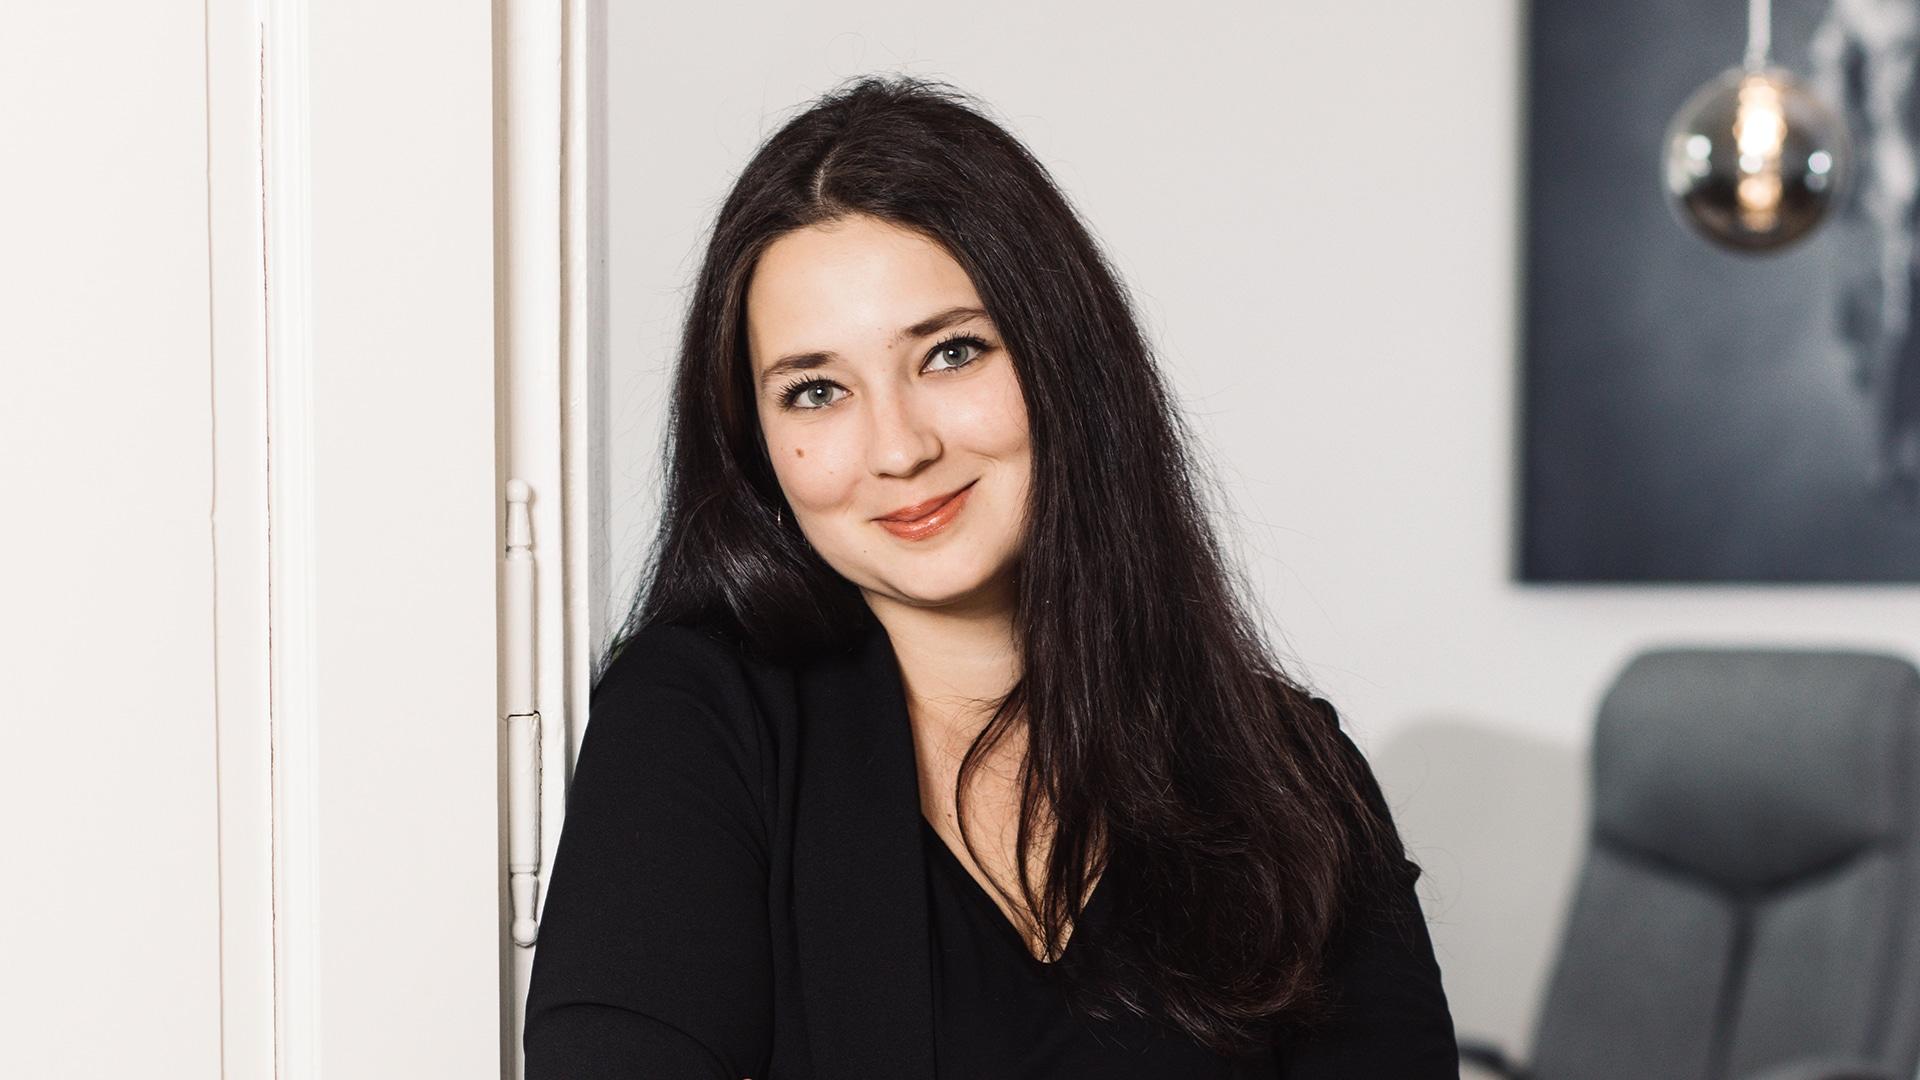 HELLO BEAUTY Marketing GmbH - Katrin Gabrovska - Es macht mir täglich so viel Spaß die Anfragen beantworten zu dürfen. Es entstehen immer mehr gute Bekanntschaften, wenn nicht sogar Freundschaften.